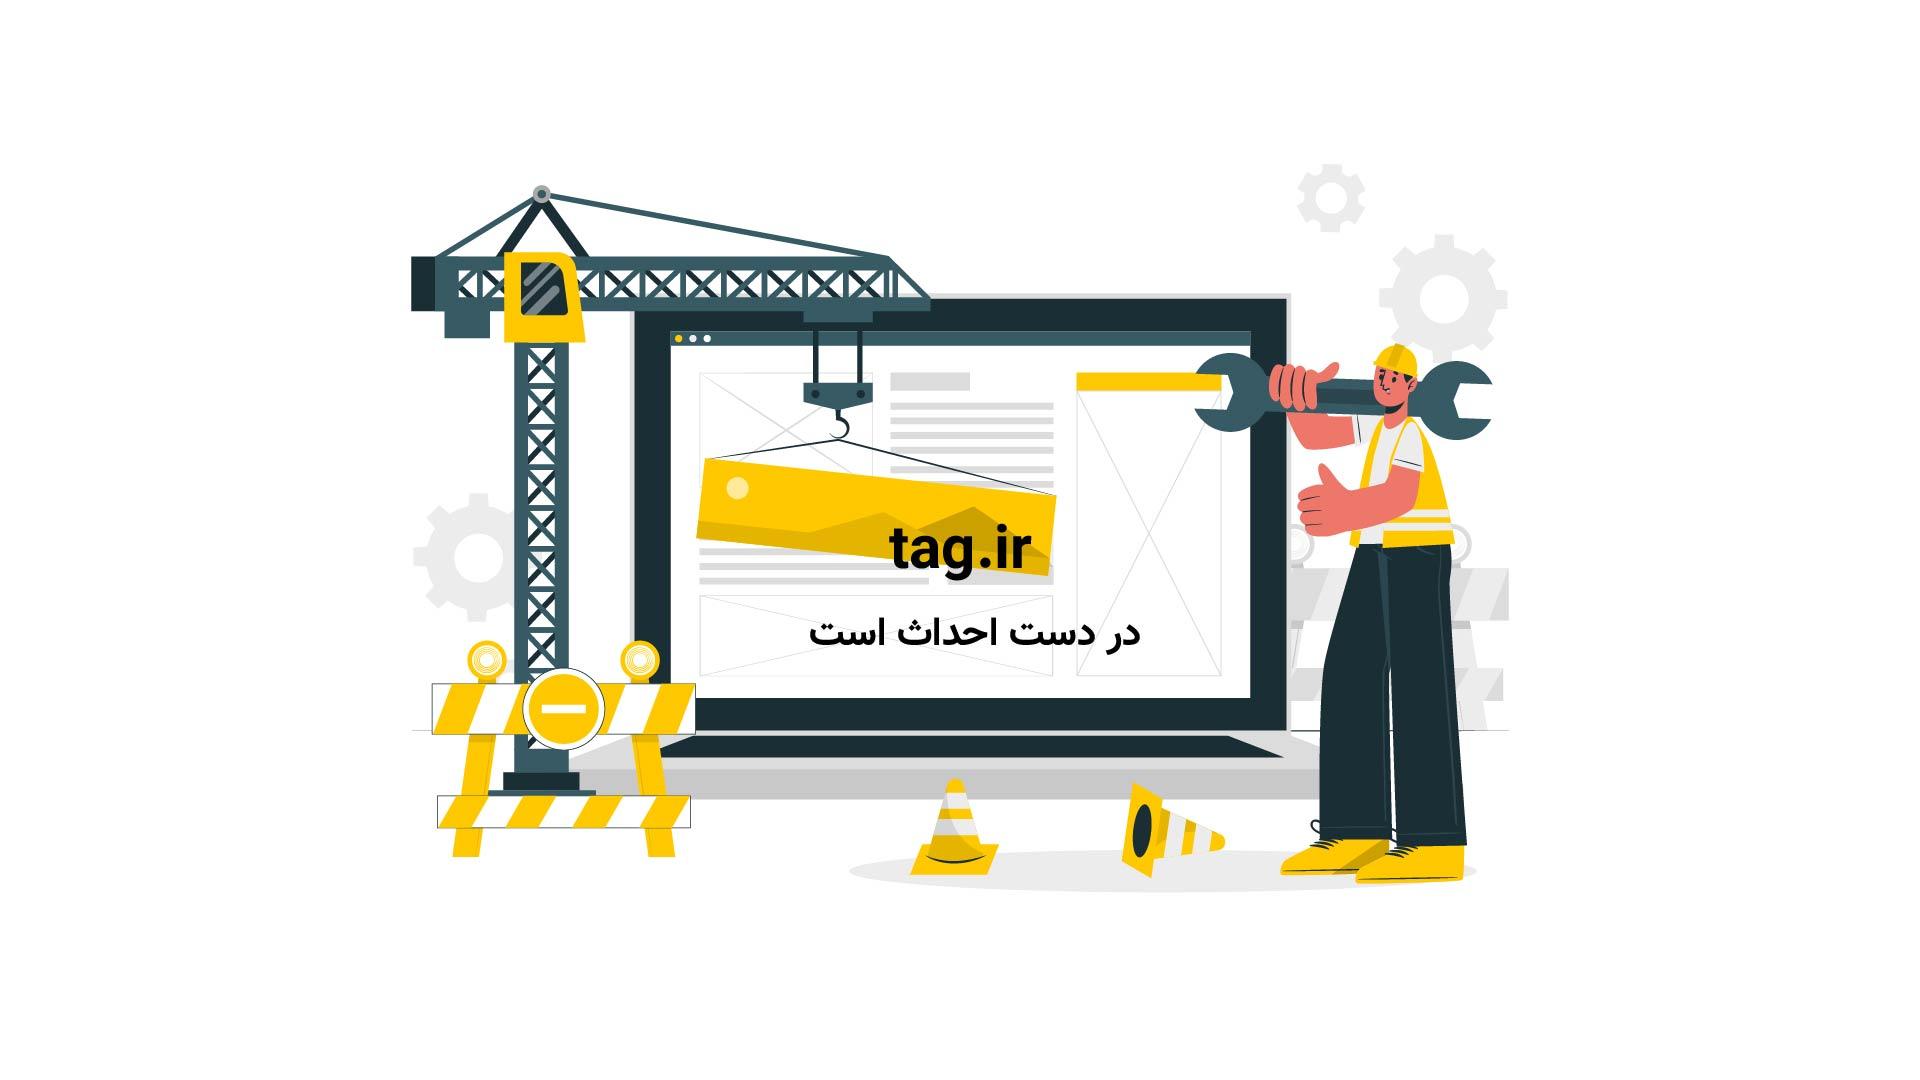 احتمال بارش باران و وقوع سیلاب در برخی از استانهای کشور | فیلم